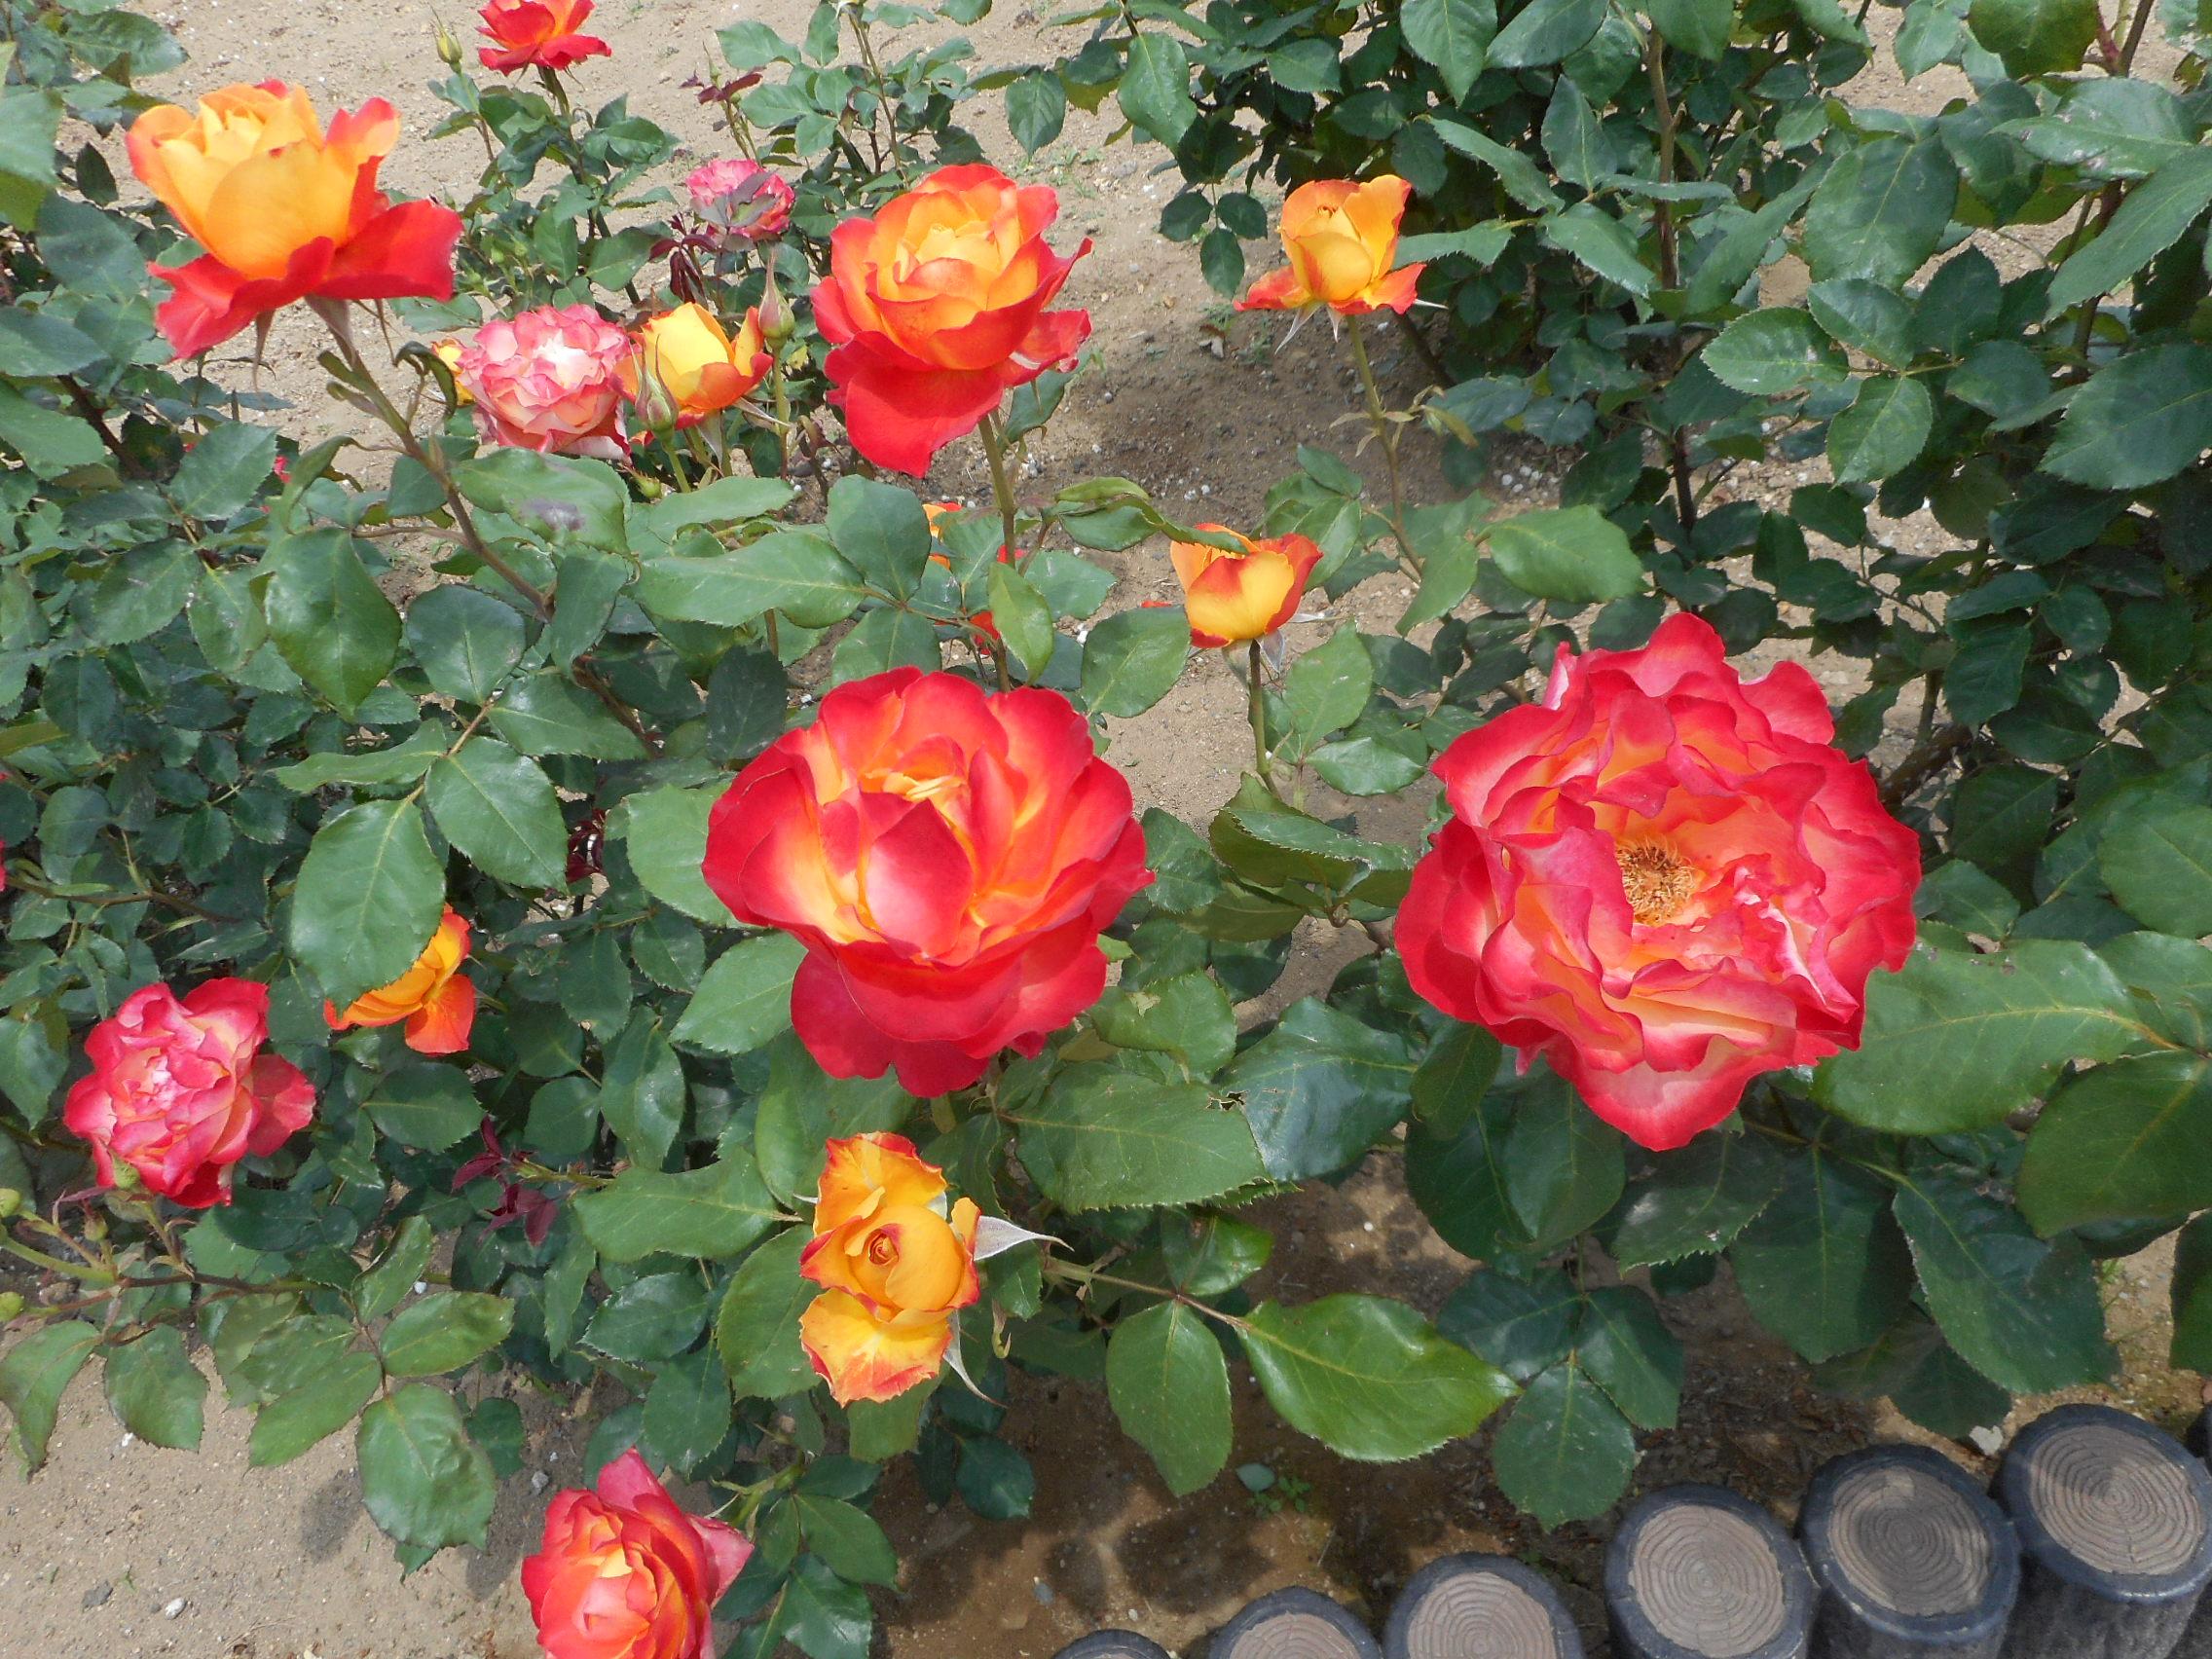 前橋市オリジナルのバラの品種「あかぎの輝き」。平成20年に開催された「全国都市緑化ぐんまフェア」を記念して誕生したそうです。